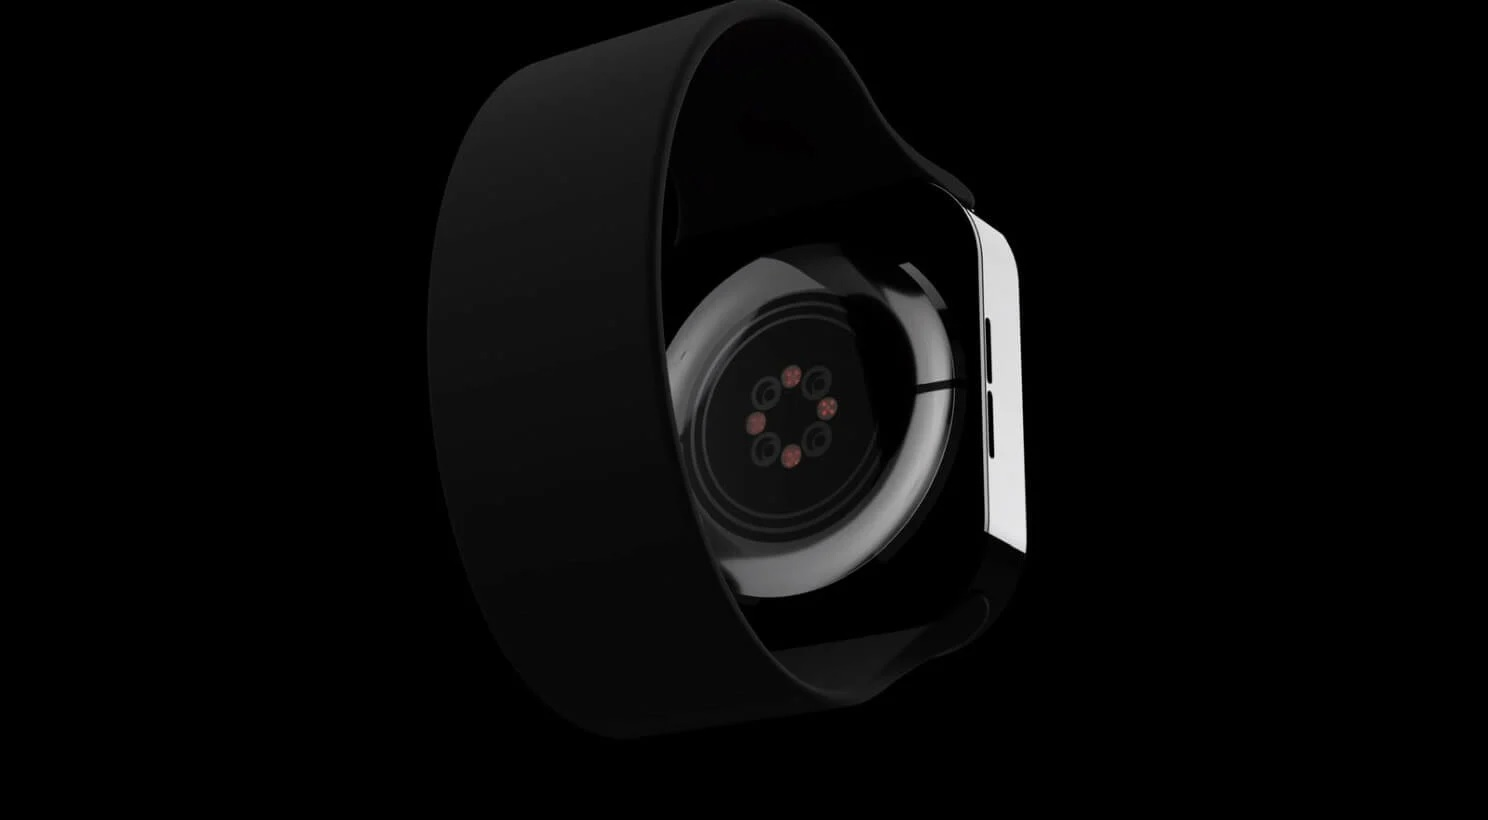 Jak budou vypadat hodinky Apple Watch 2021?